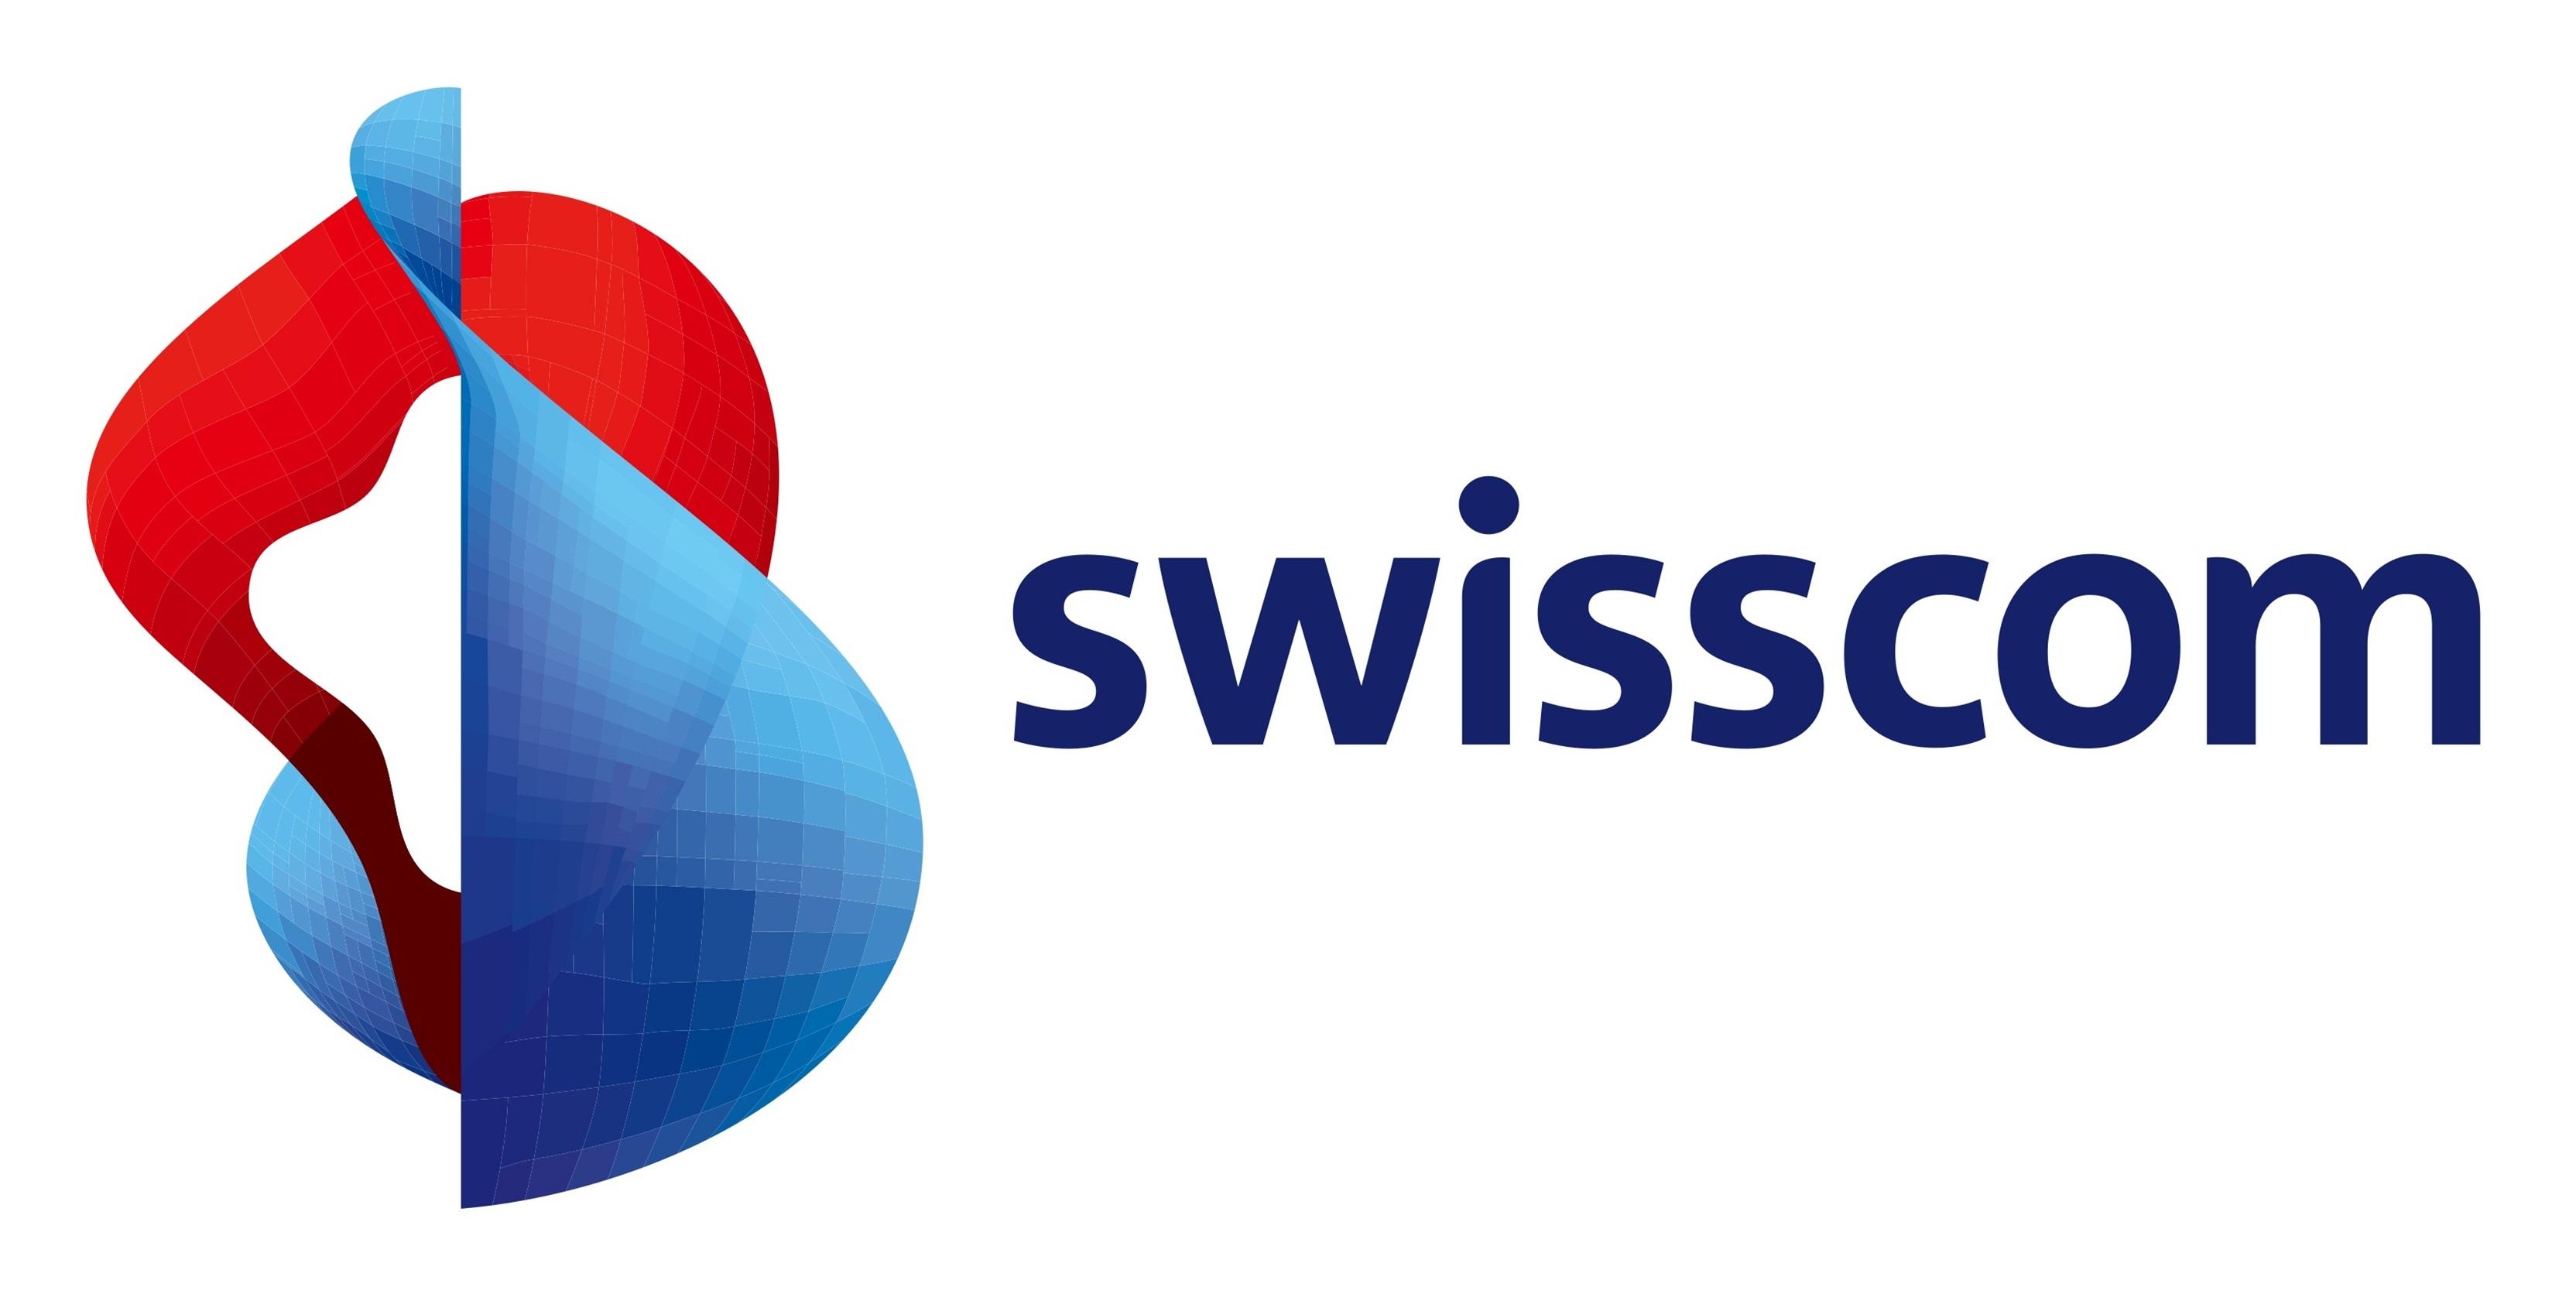 Die Swisscom AG ist ein führendes Schweizer Telekommunikationsunternehmen und eines der führenden IT-Unternehmen des Landes mit Sitz in Worblaufen bei Bern.